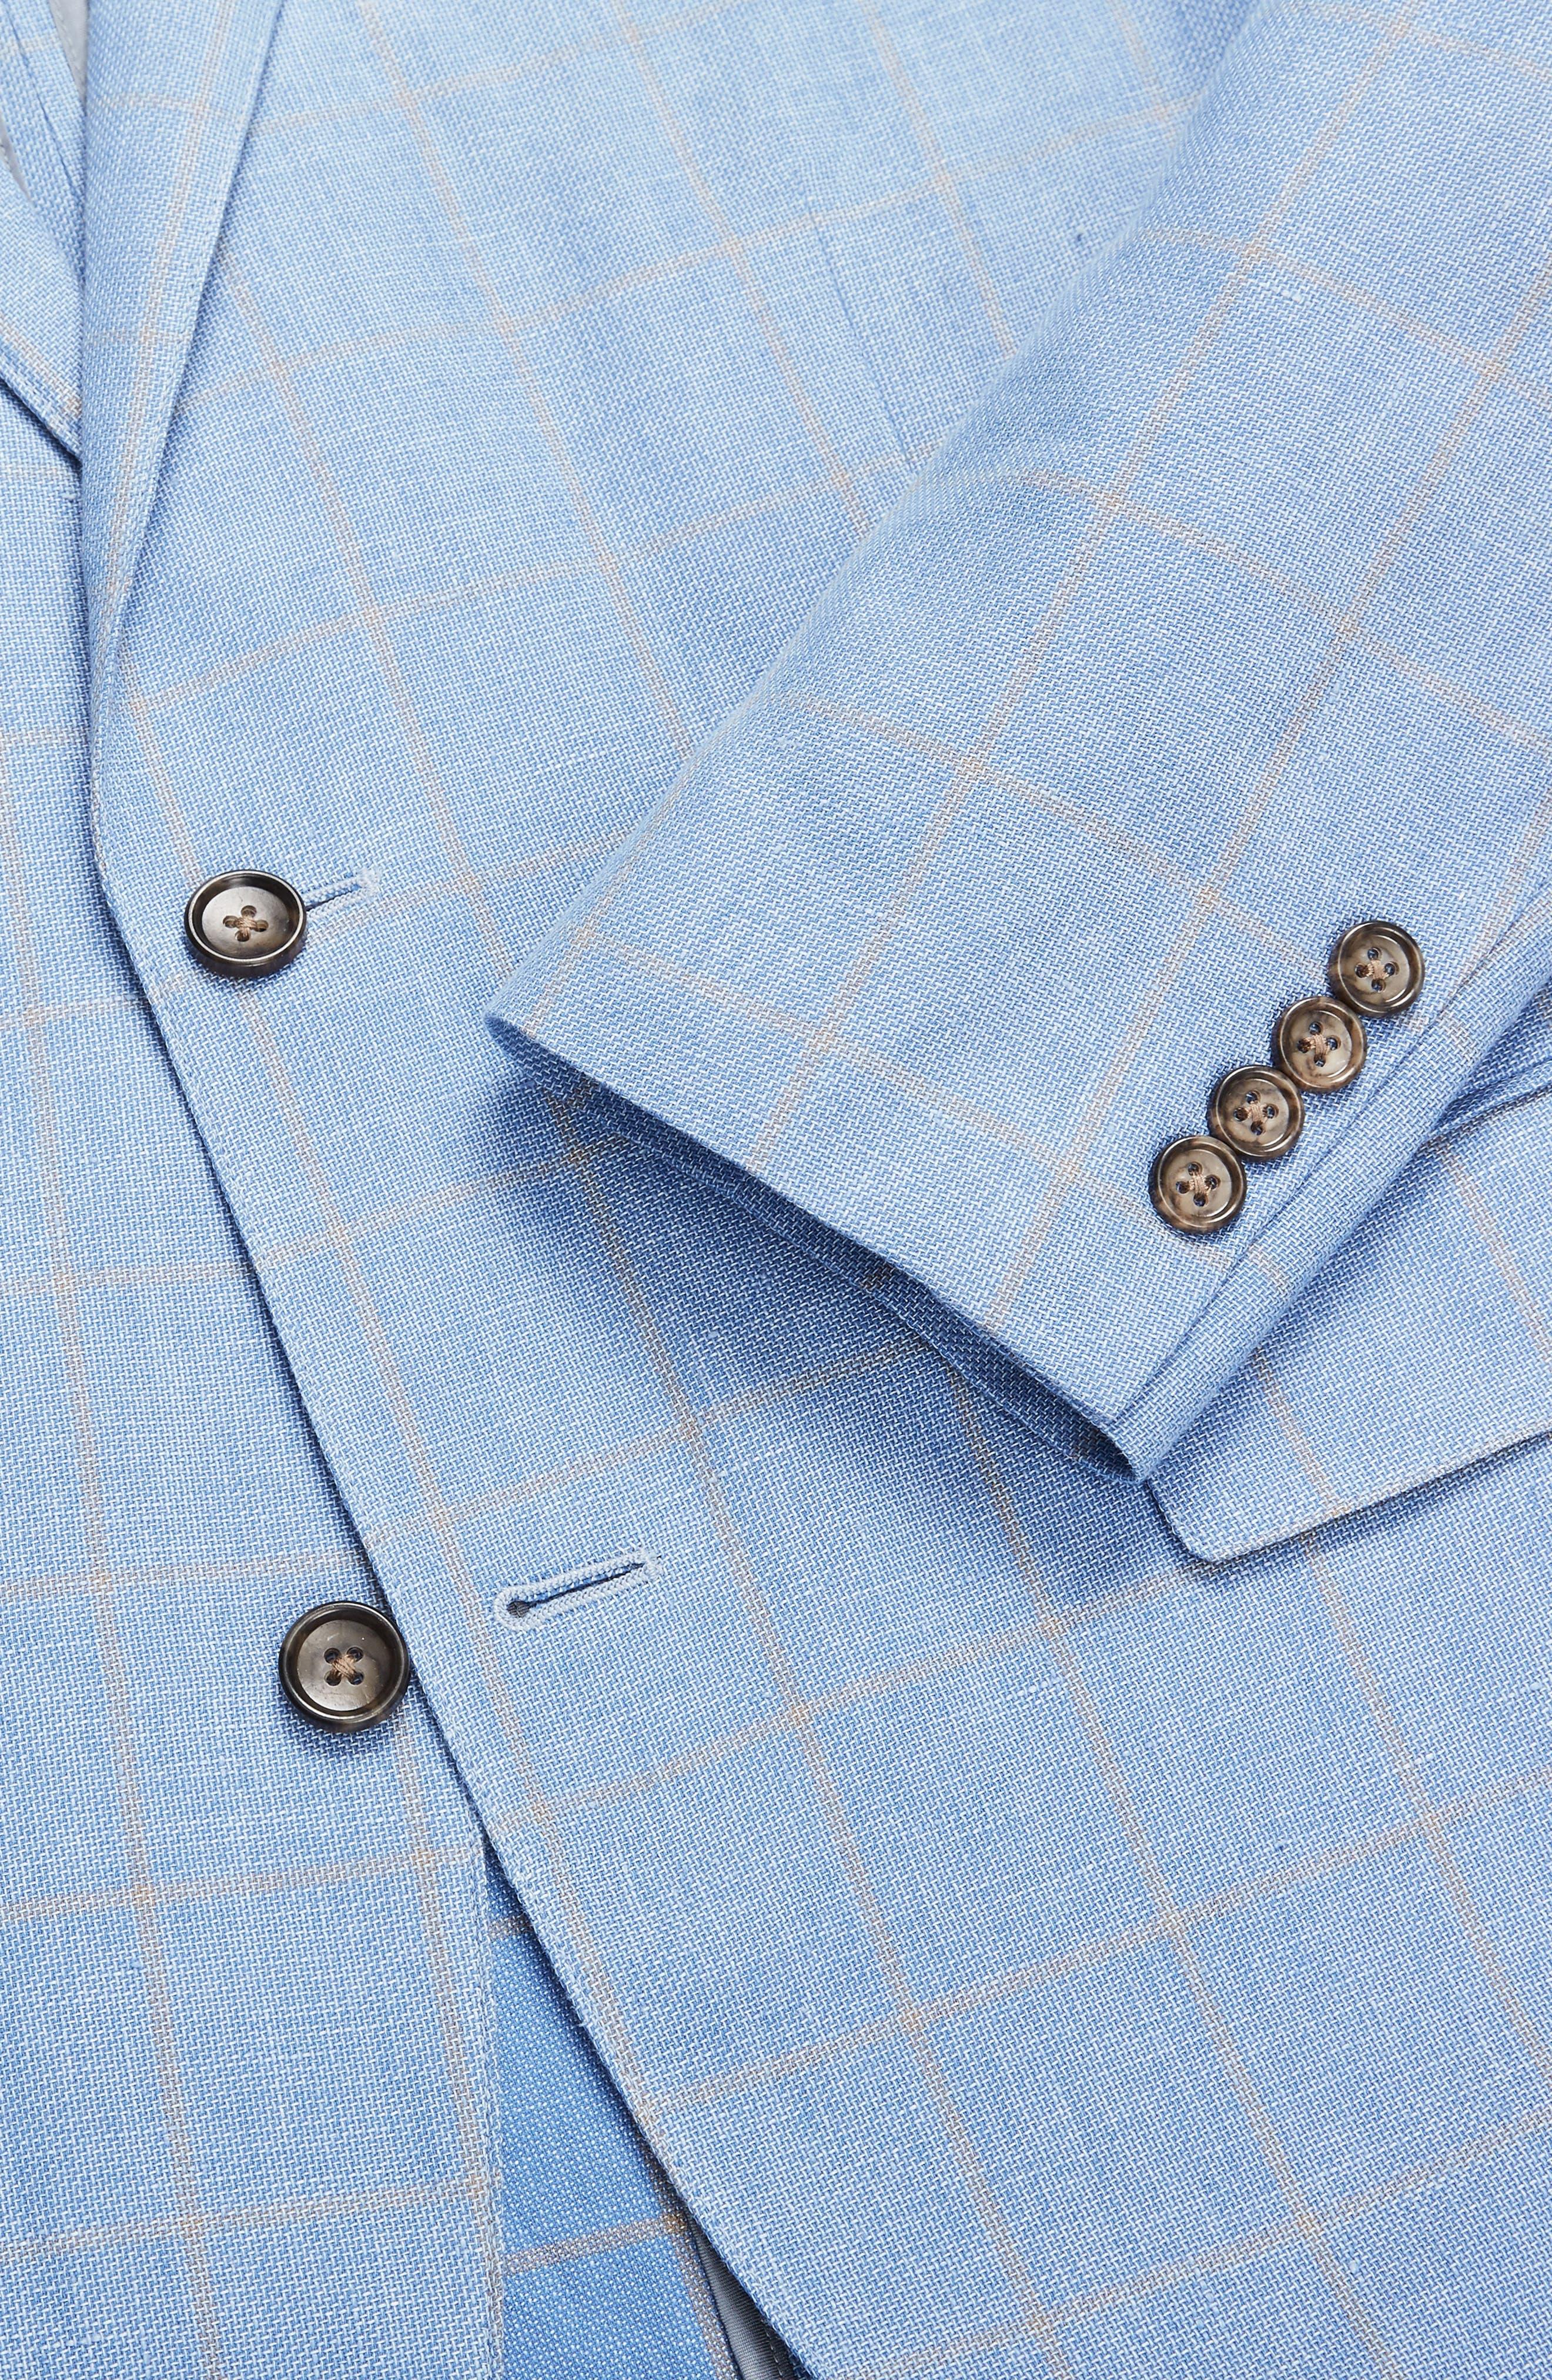 Slim Fit Cotton & Linen Unconstructed Blazer,                             Alternate thumbnail 3, color,                             400